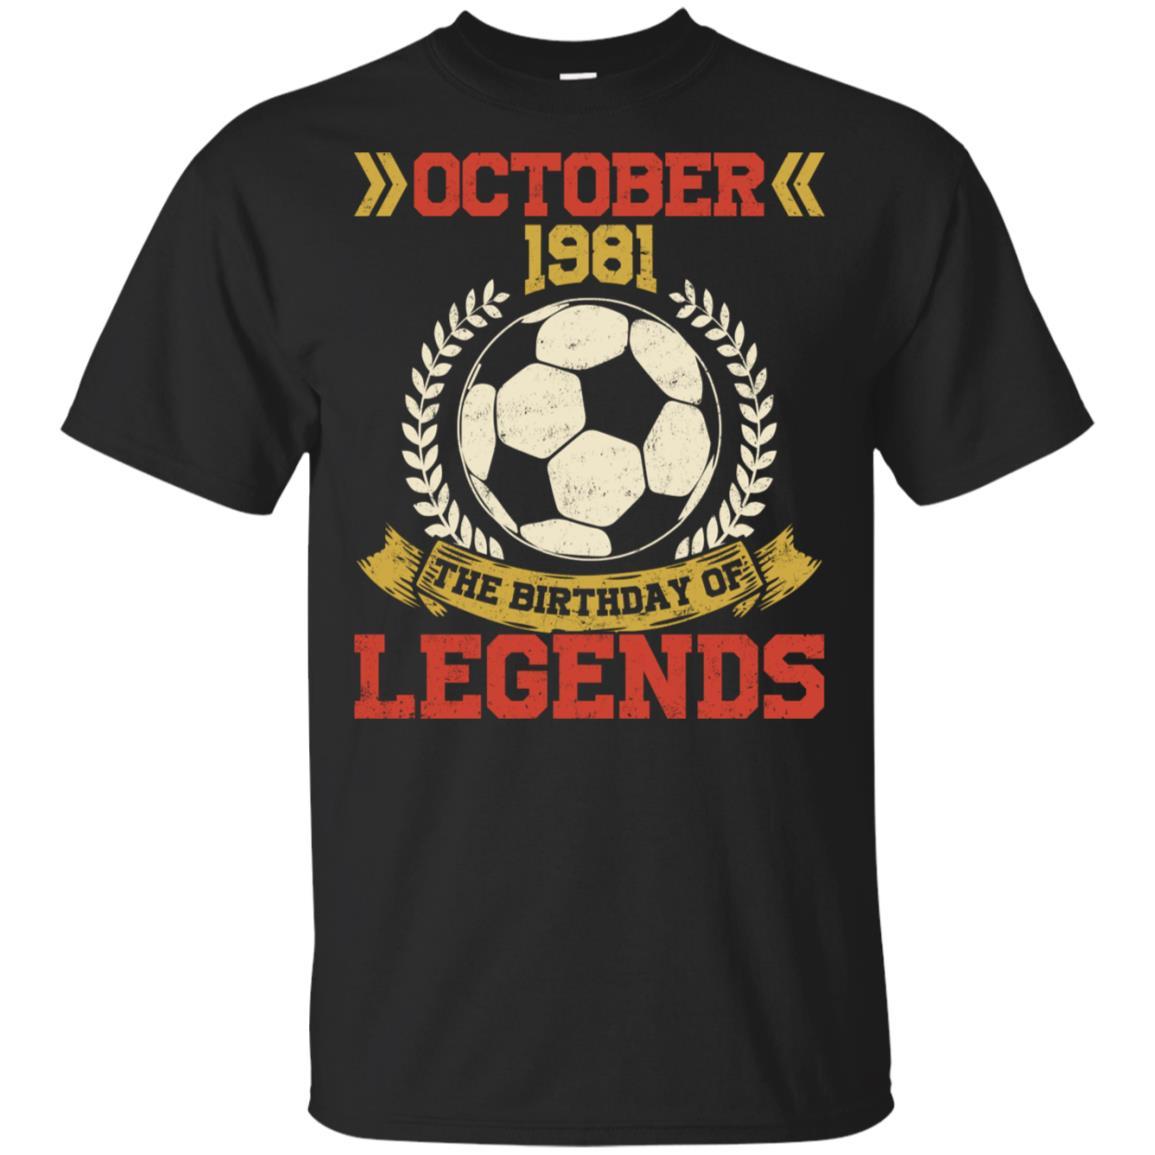 1981 October 37th Birthday Of Football Soccer Legend Unisex Short Sleeve